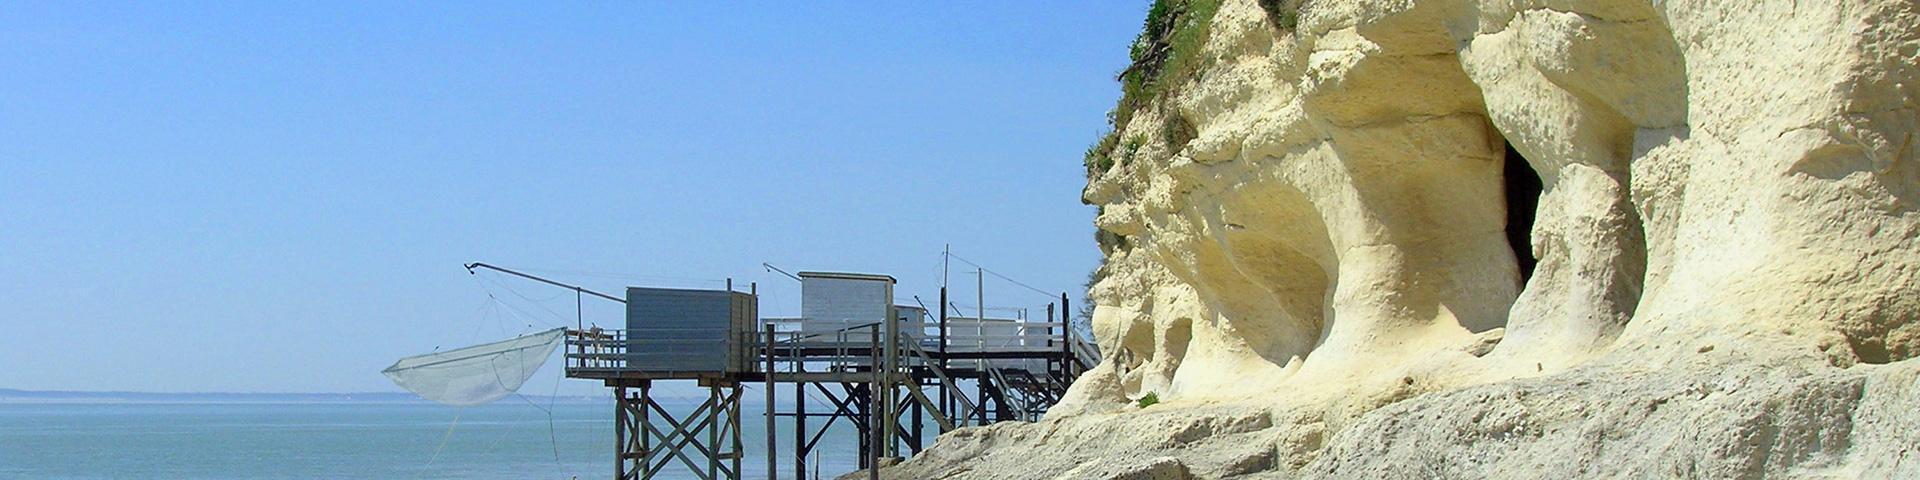 Les grottes de la falaise sont des cavités karstiques dont le calcaire d'âge Crétacé supérieur a été exploité en carrière souterraines, Charente-Maritime